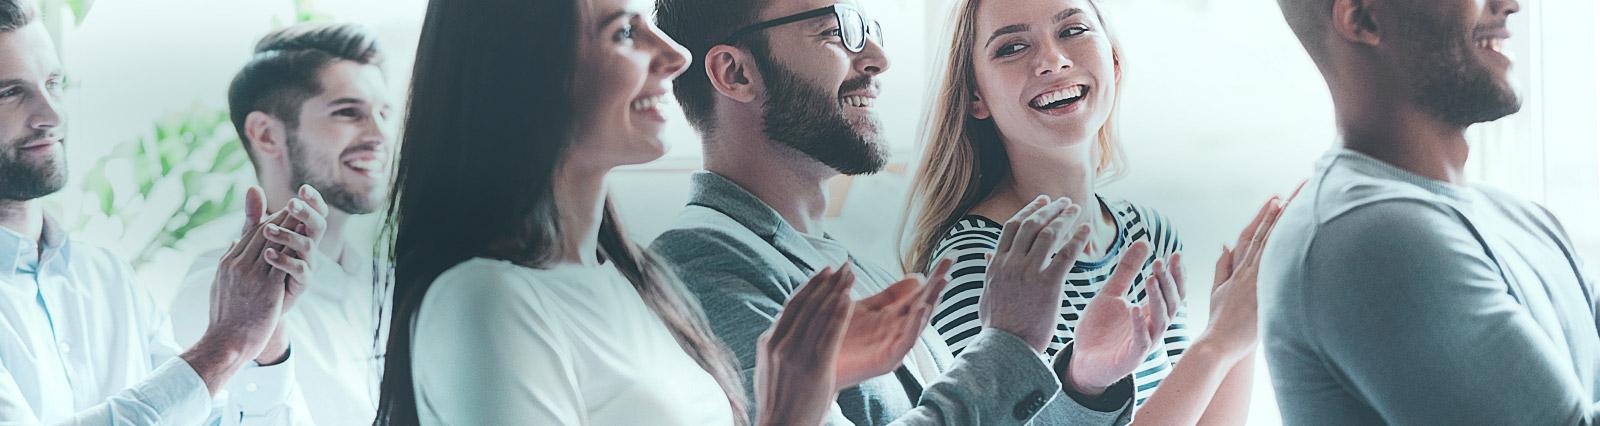 Cooperação como estratégia de mercado - Artigo de professor da Faculdade Unimed